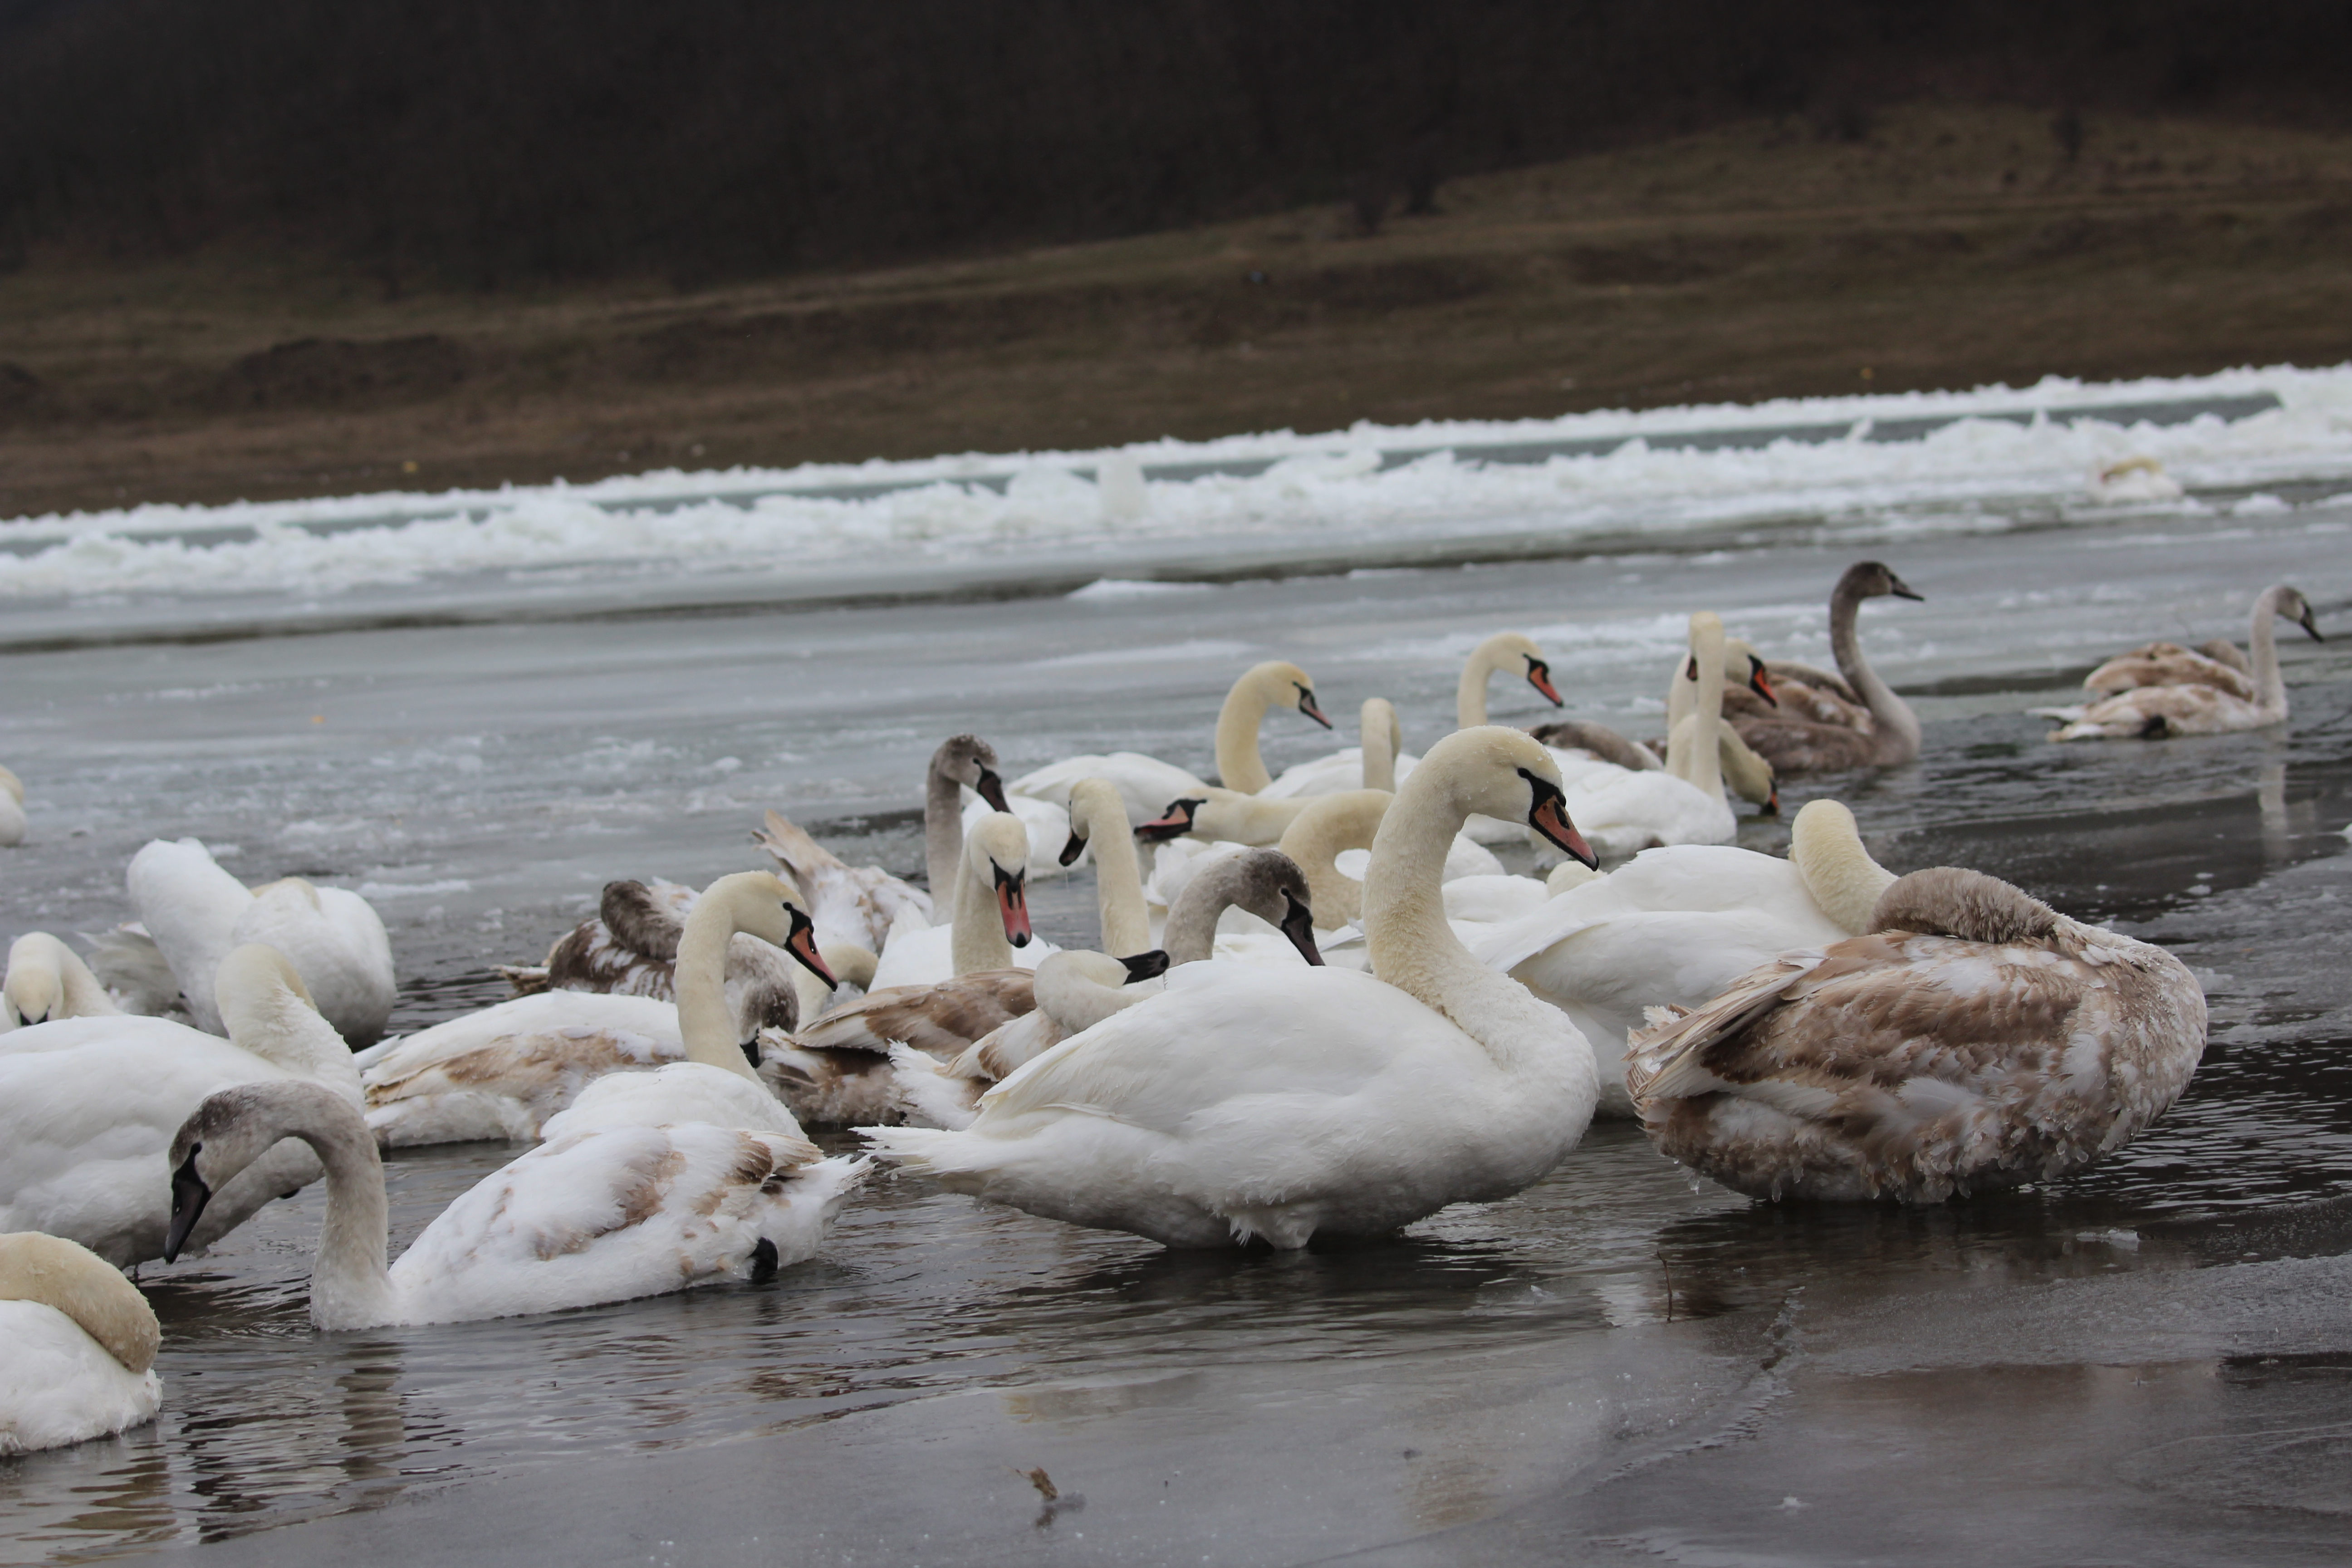 Близько 300 лебедів оселилися на річці Дністер, для них відкрили ветеринарно-медичний пункт